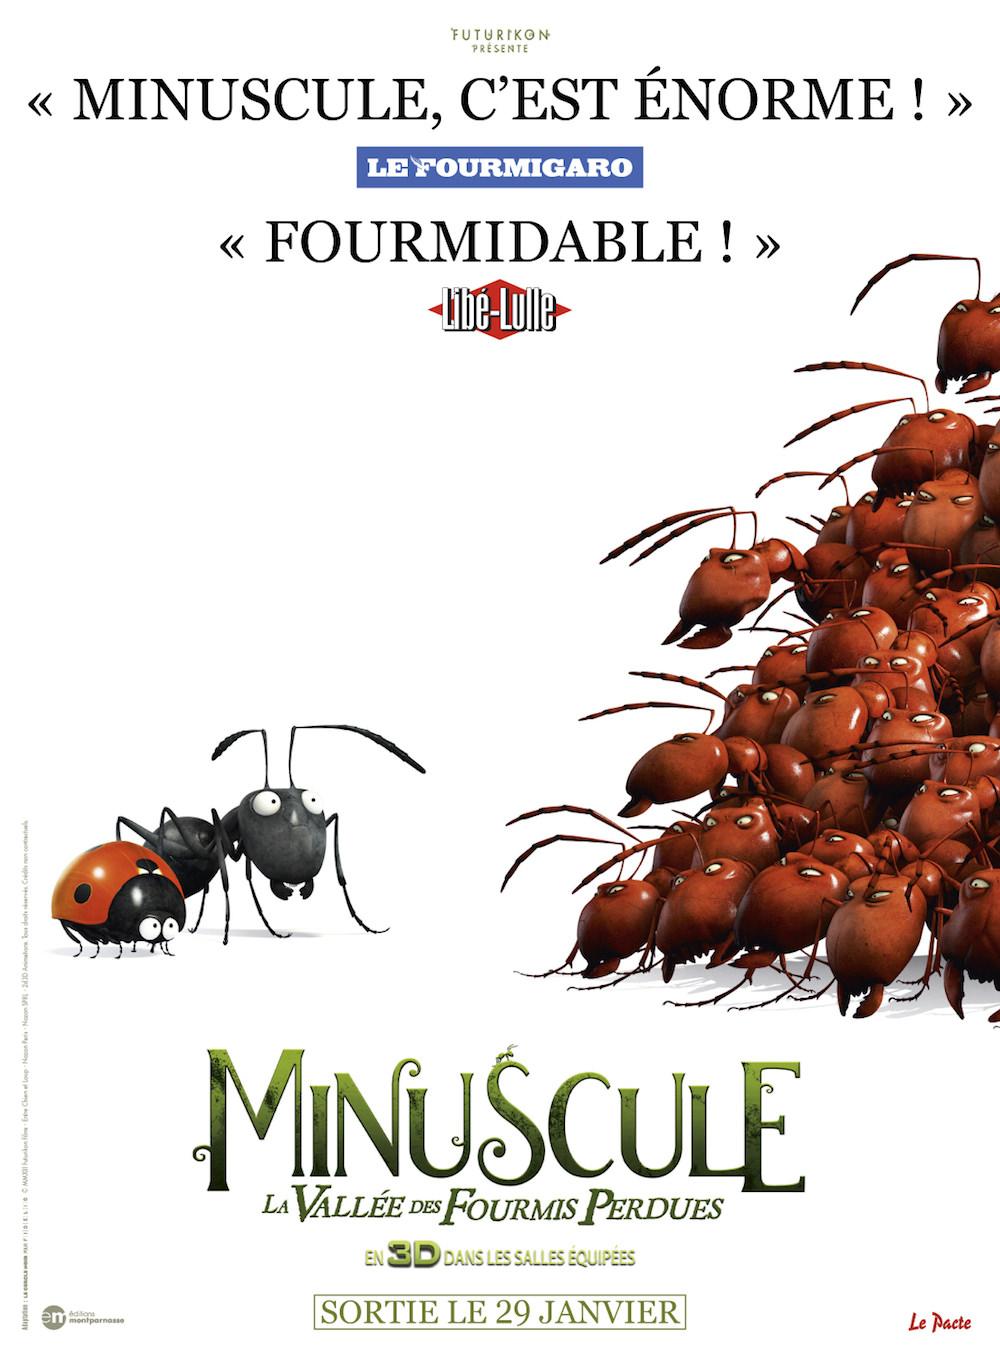 Minuscule la vallee des fourmis perdues szabo giraud